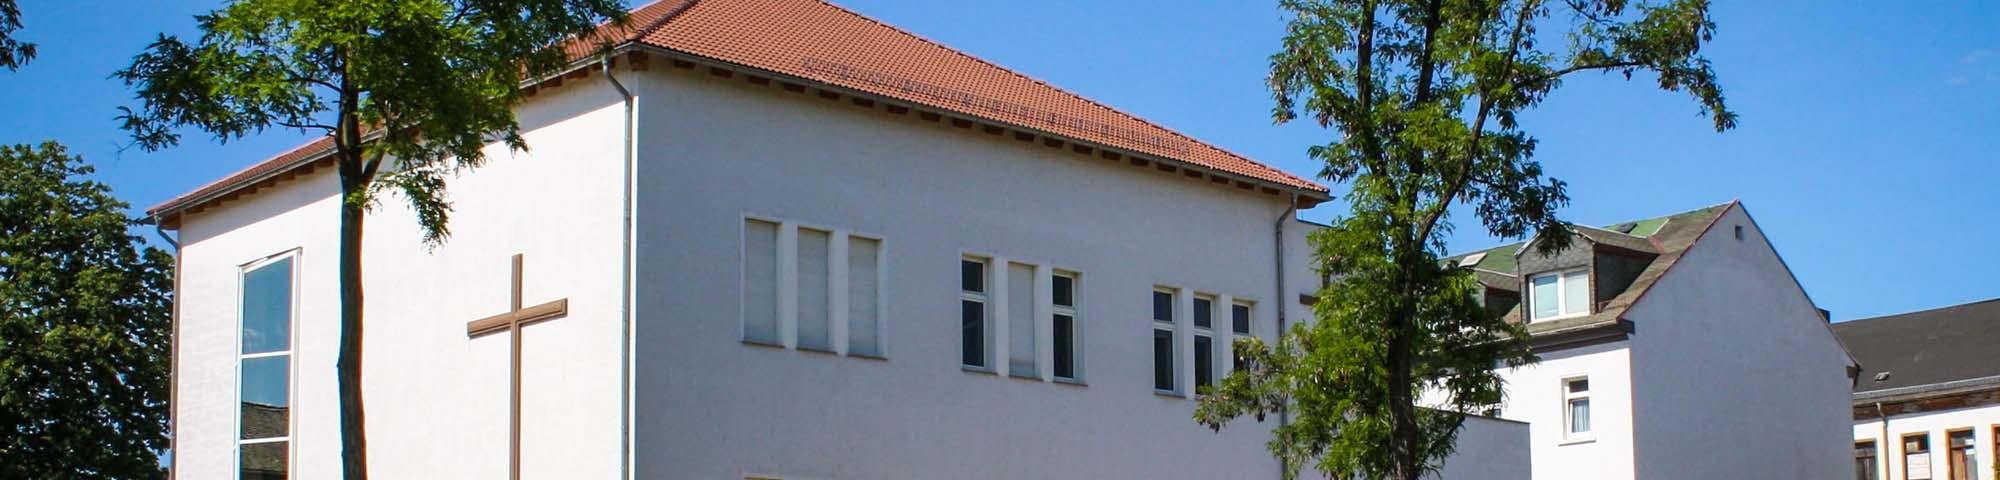 Evang. Gemeinde Elim Leipzig